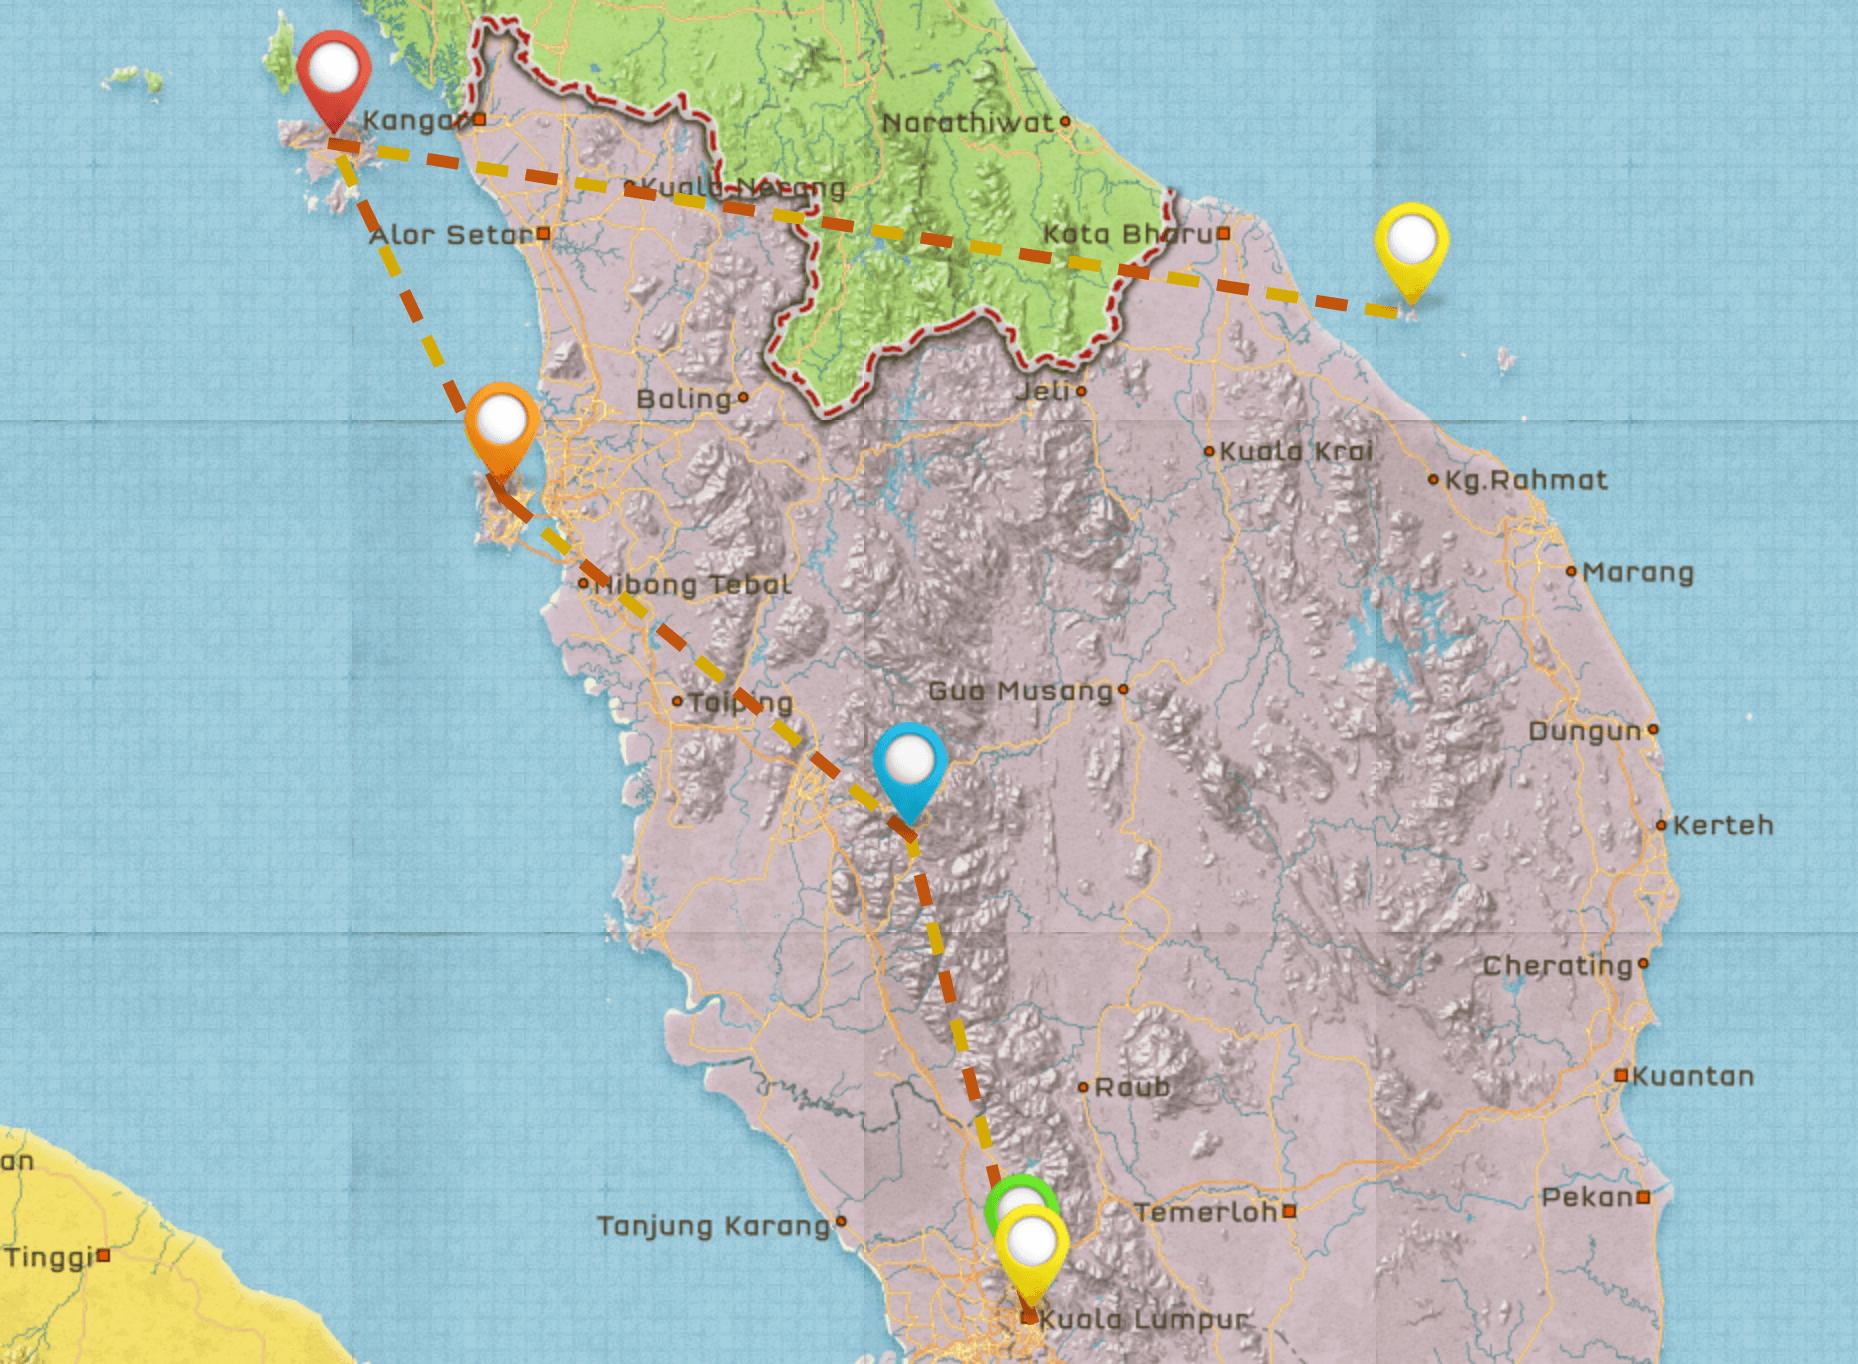 Malaysia Travel Itinerary Map #1